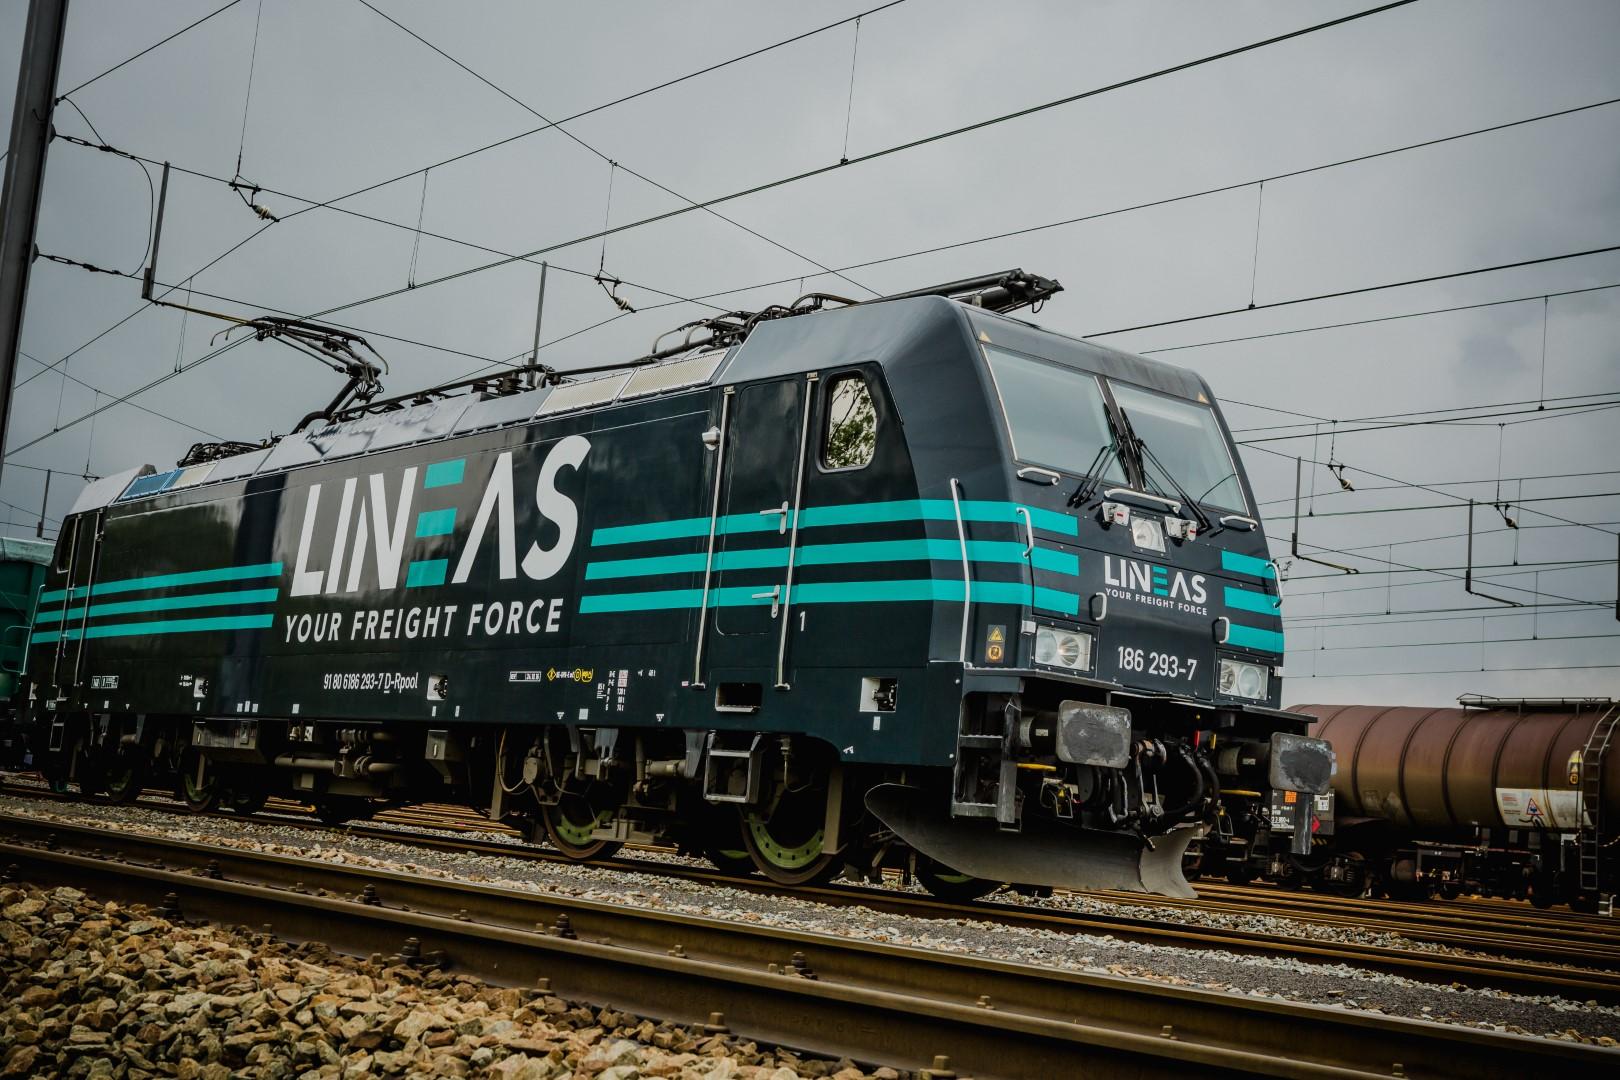 Neue Verbindung mit Stopp im Norden von Augsburg (Langweid-Foret)